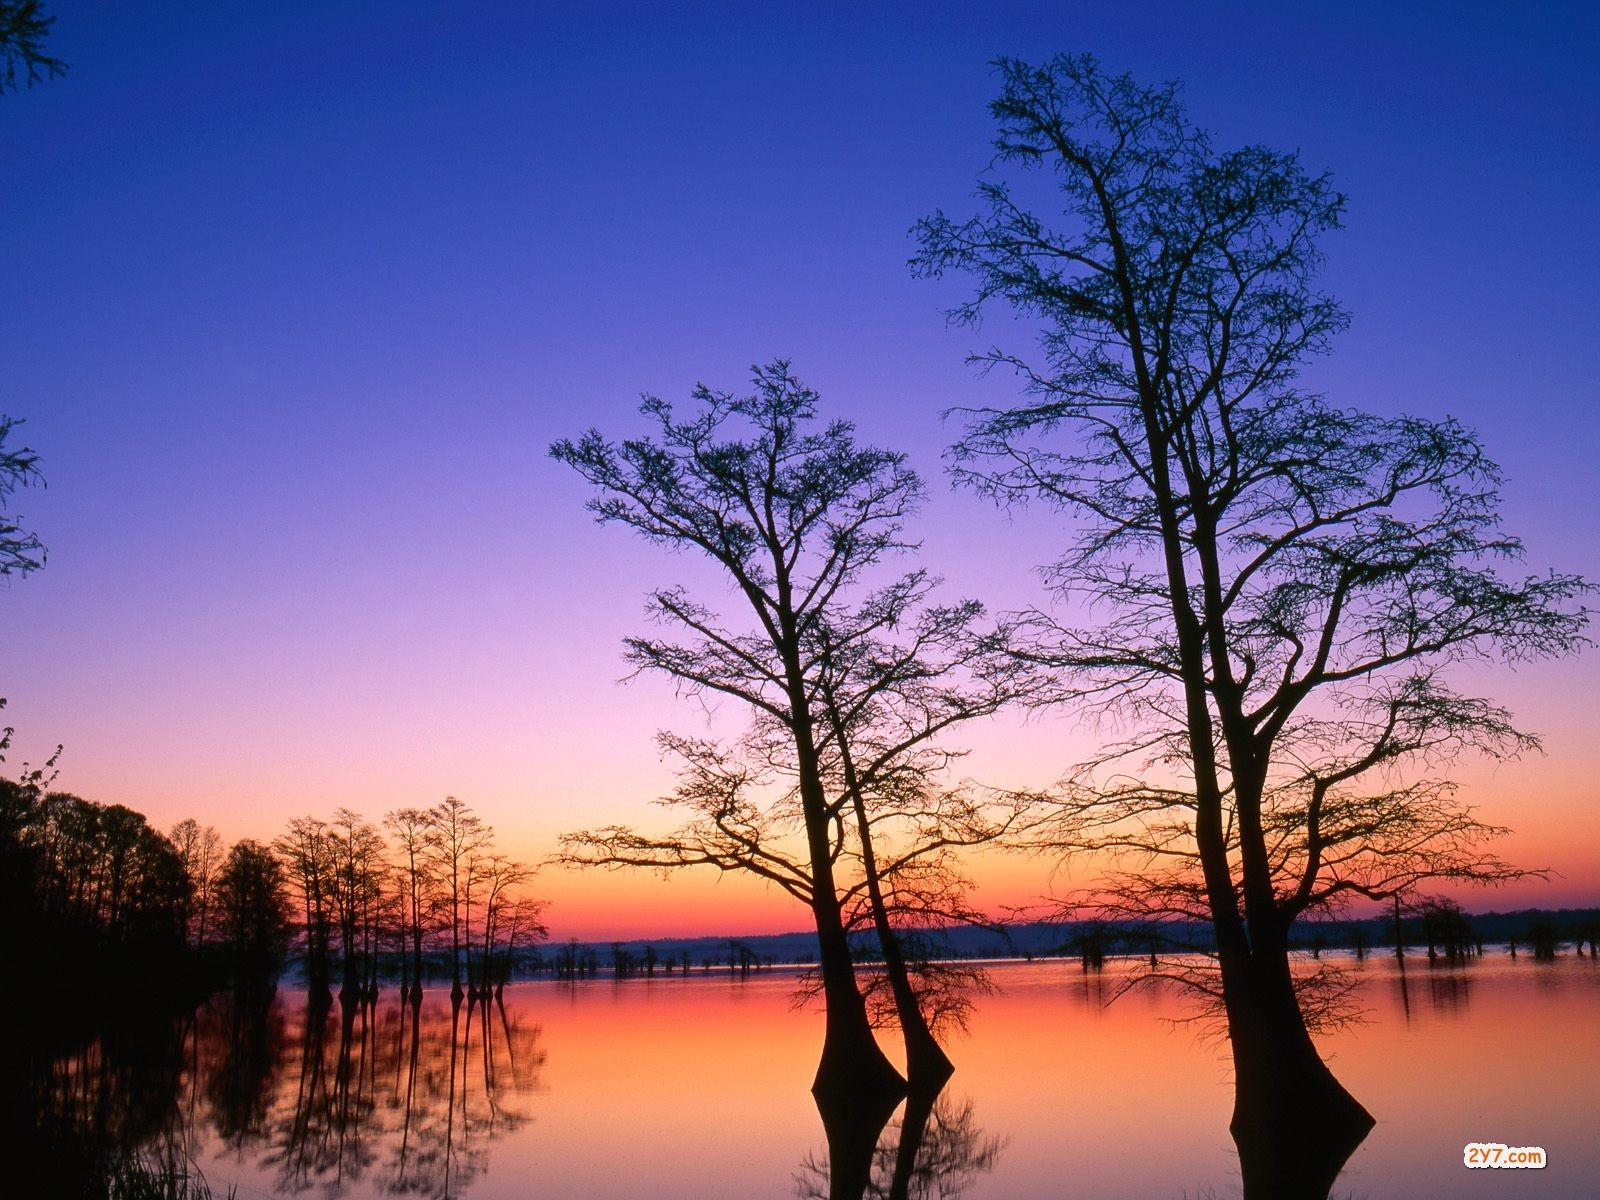 Paisajes de Amaneceres - Hermosos Amaneceres en HD | Fotos e ...